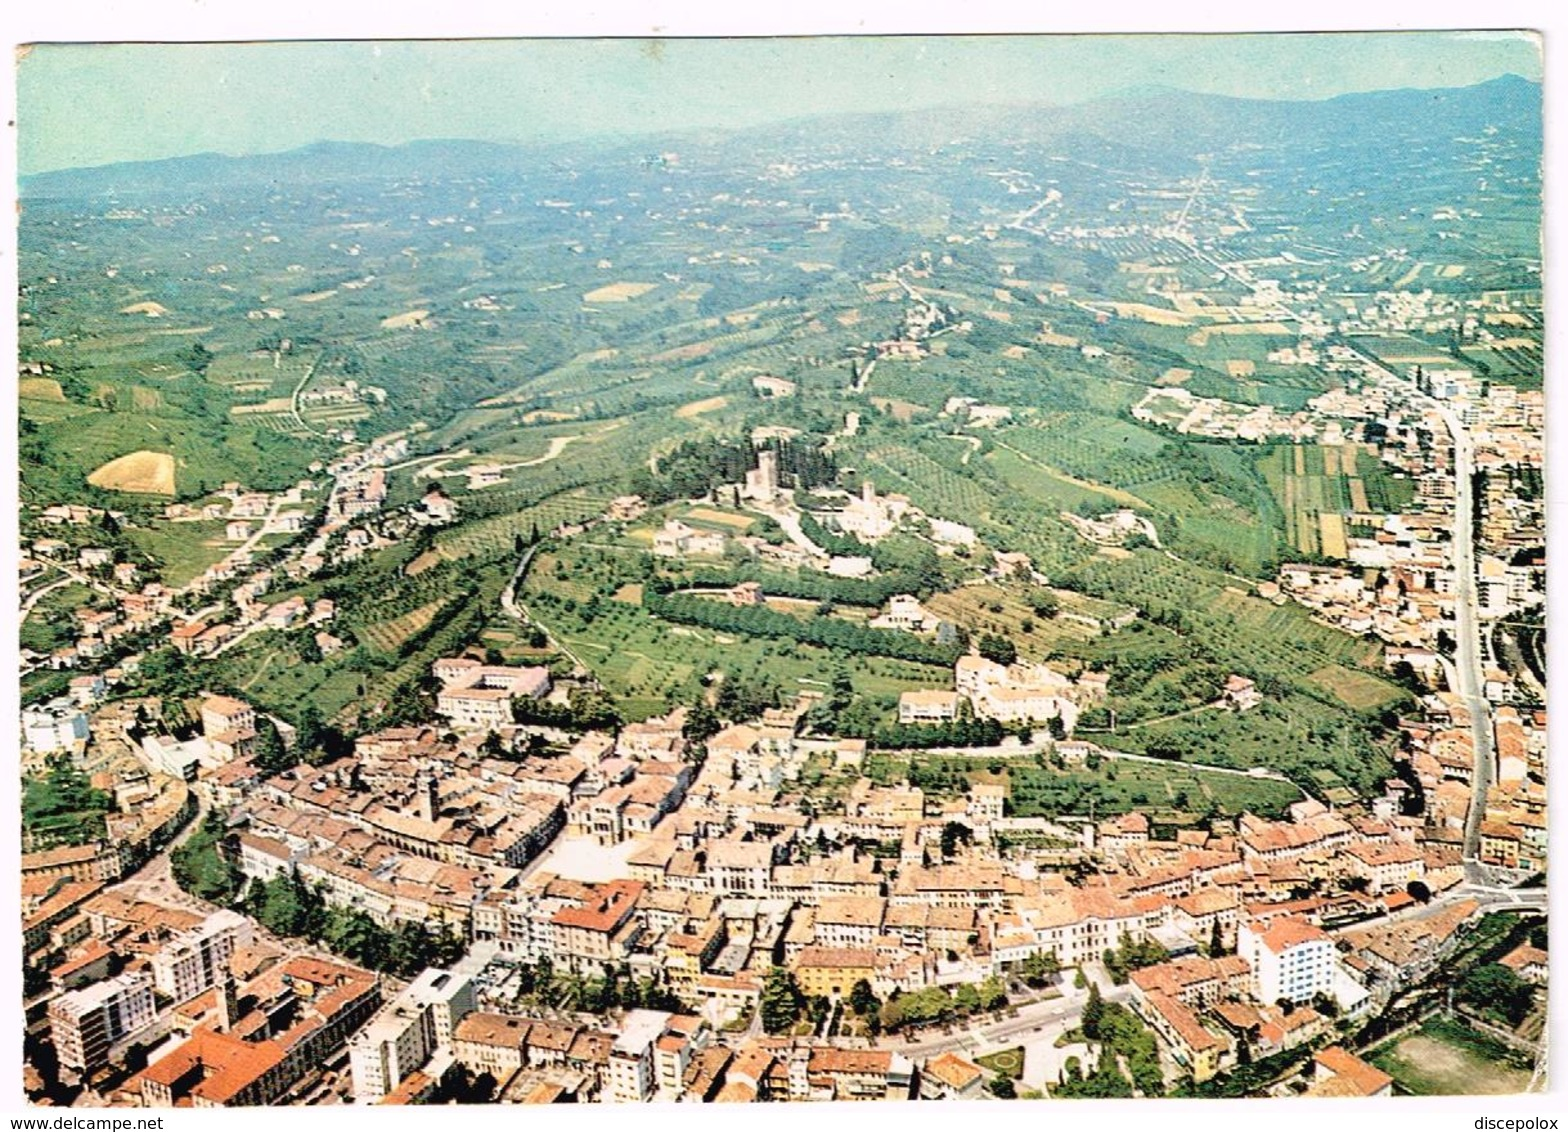 V3663 Conegliano Veneto (Treviso) - Panorama Aereo Vista Aerea Aerial View Vue Aerienne / Viaggiata 1973 - Altre Città